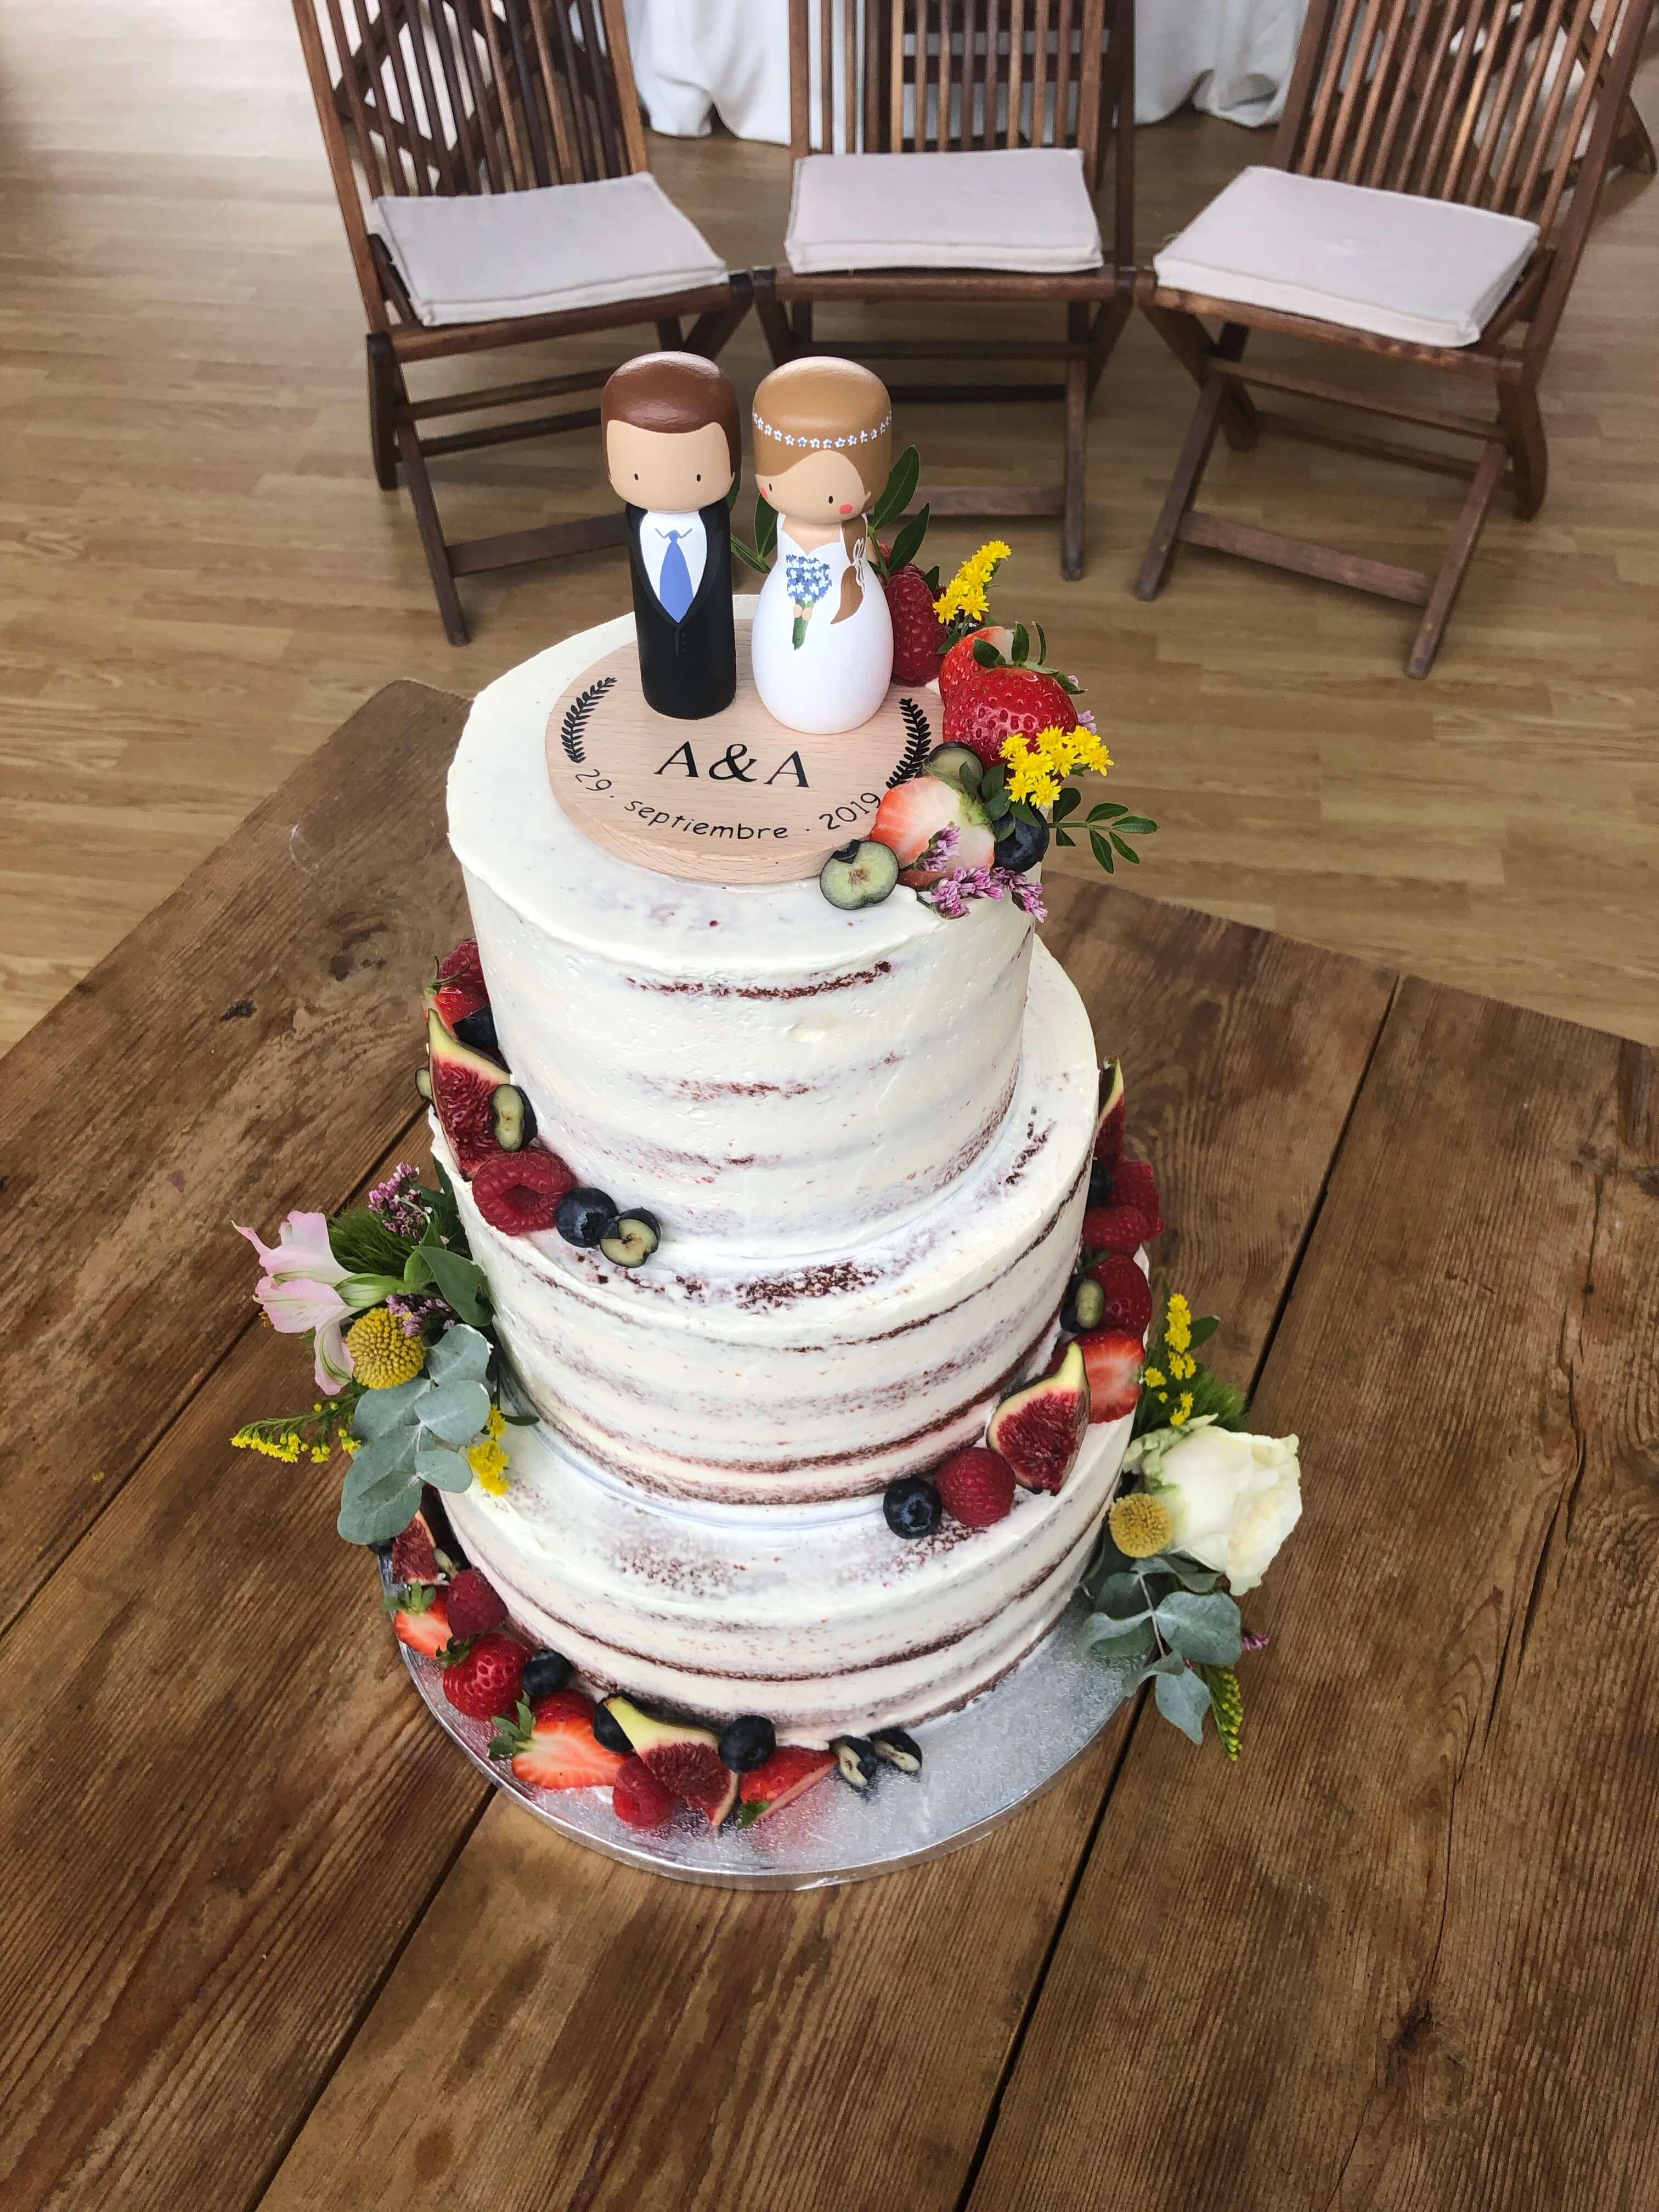 tarta  boda coruña naked cake tarta boda desnuda coruña tarta boda tarta boda